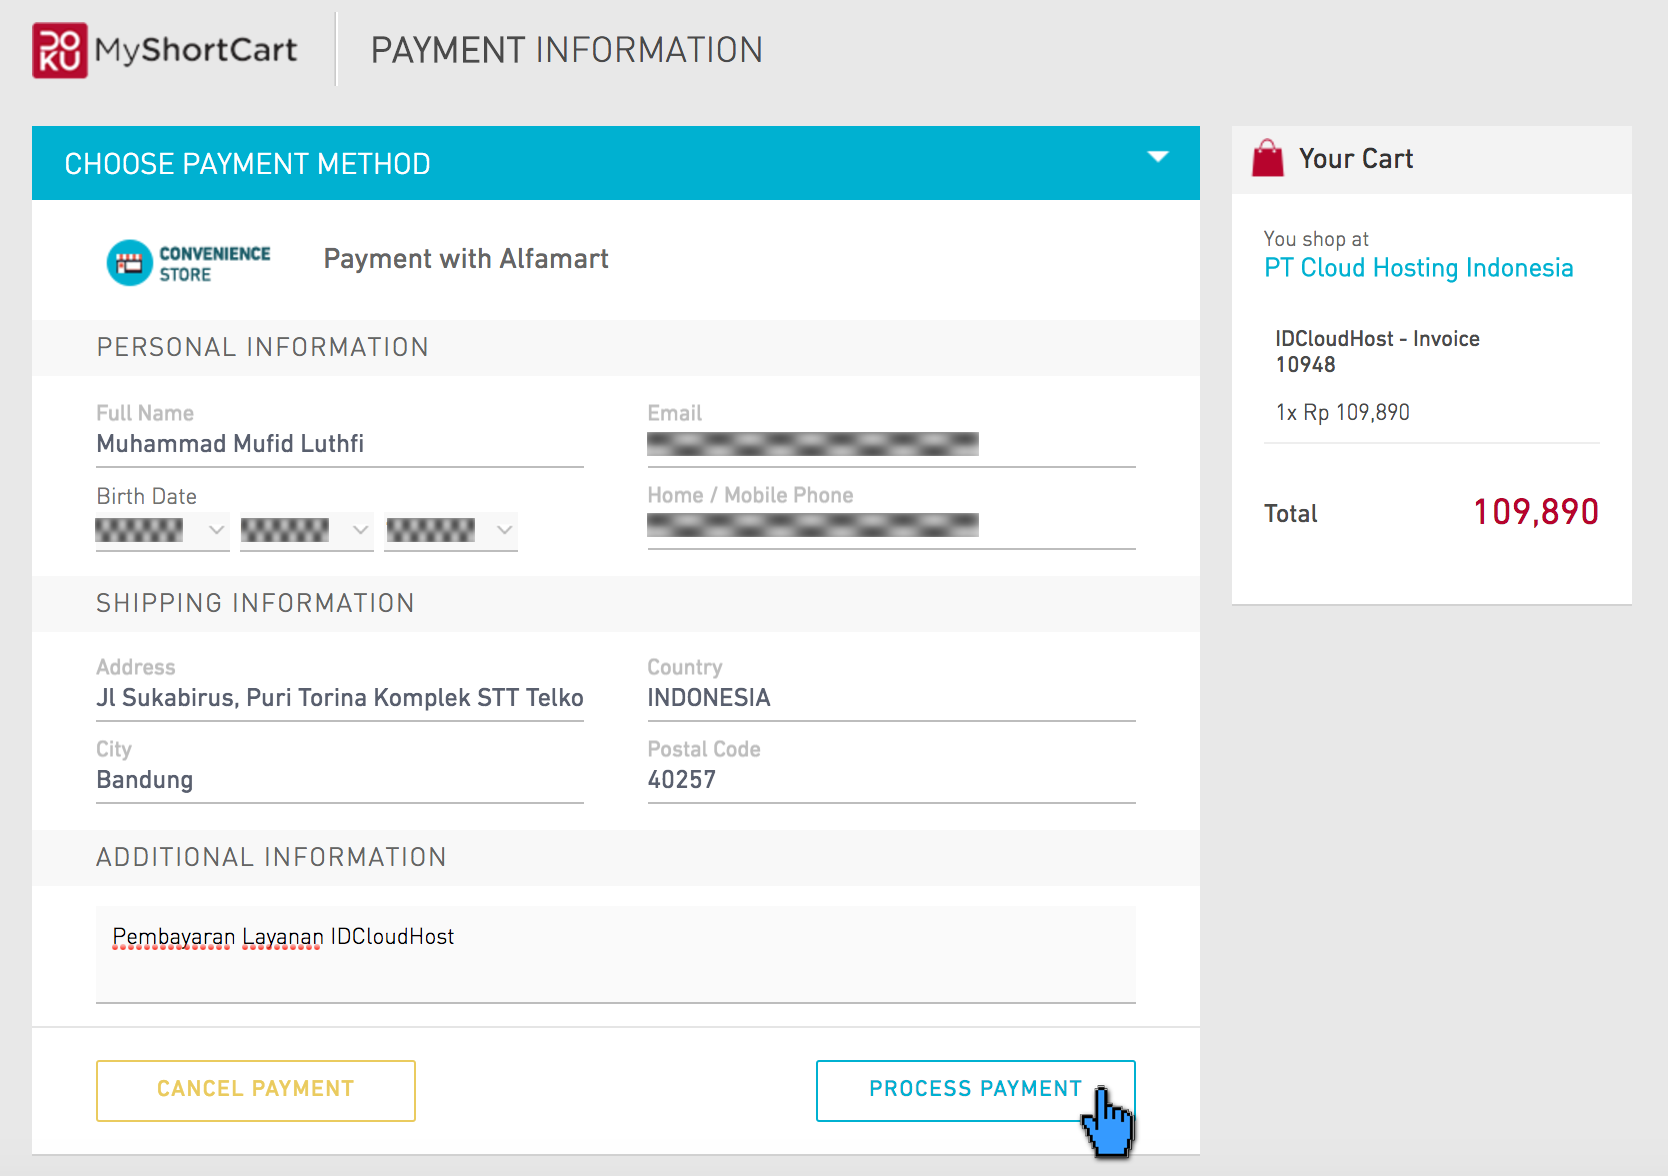 Pembayaran Layanan IDCloudHost via Alfamart